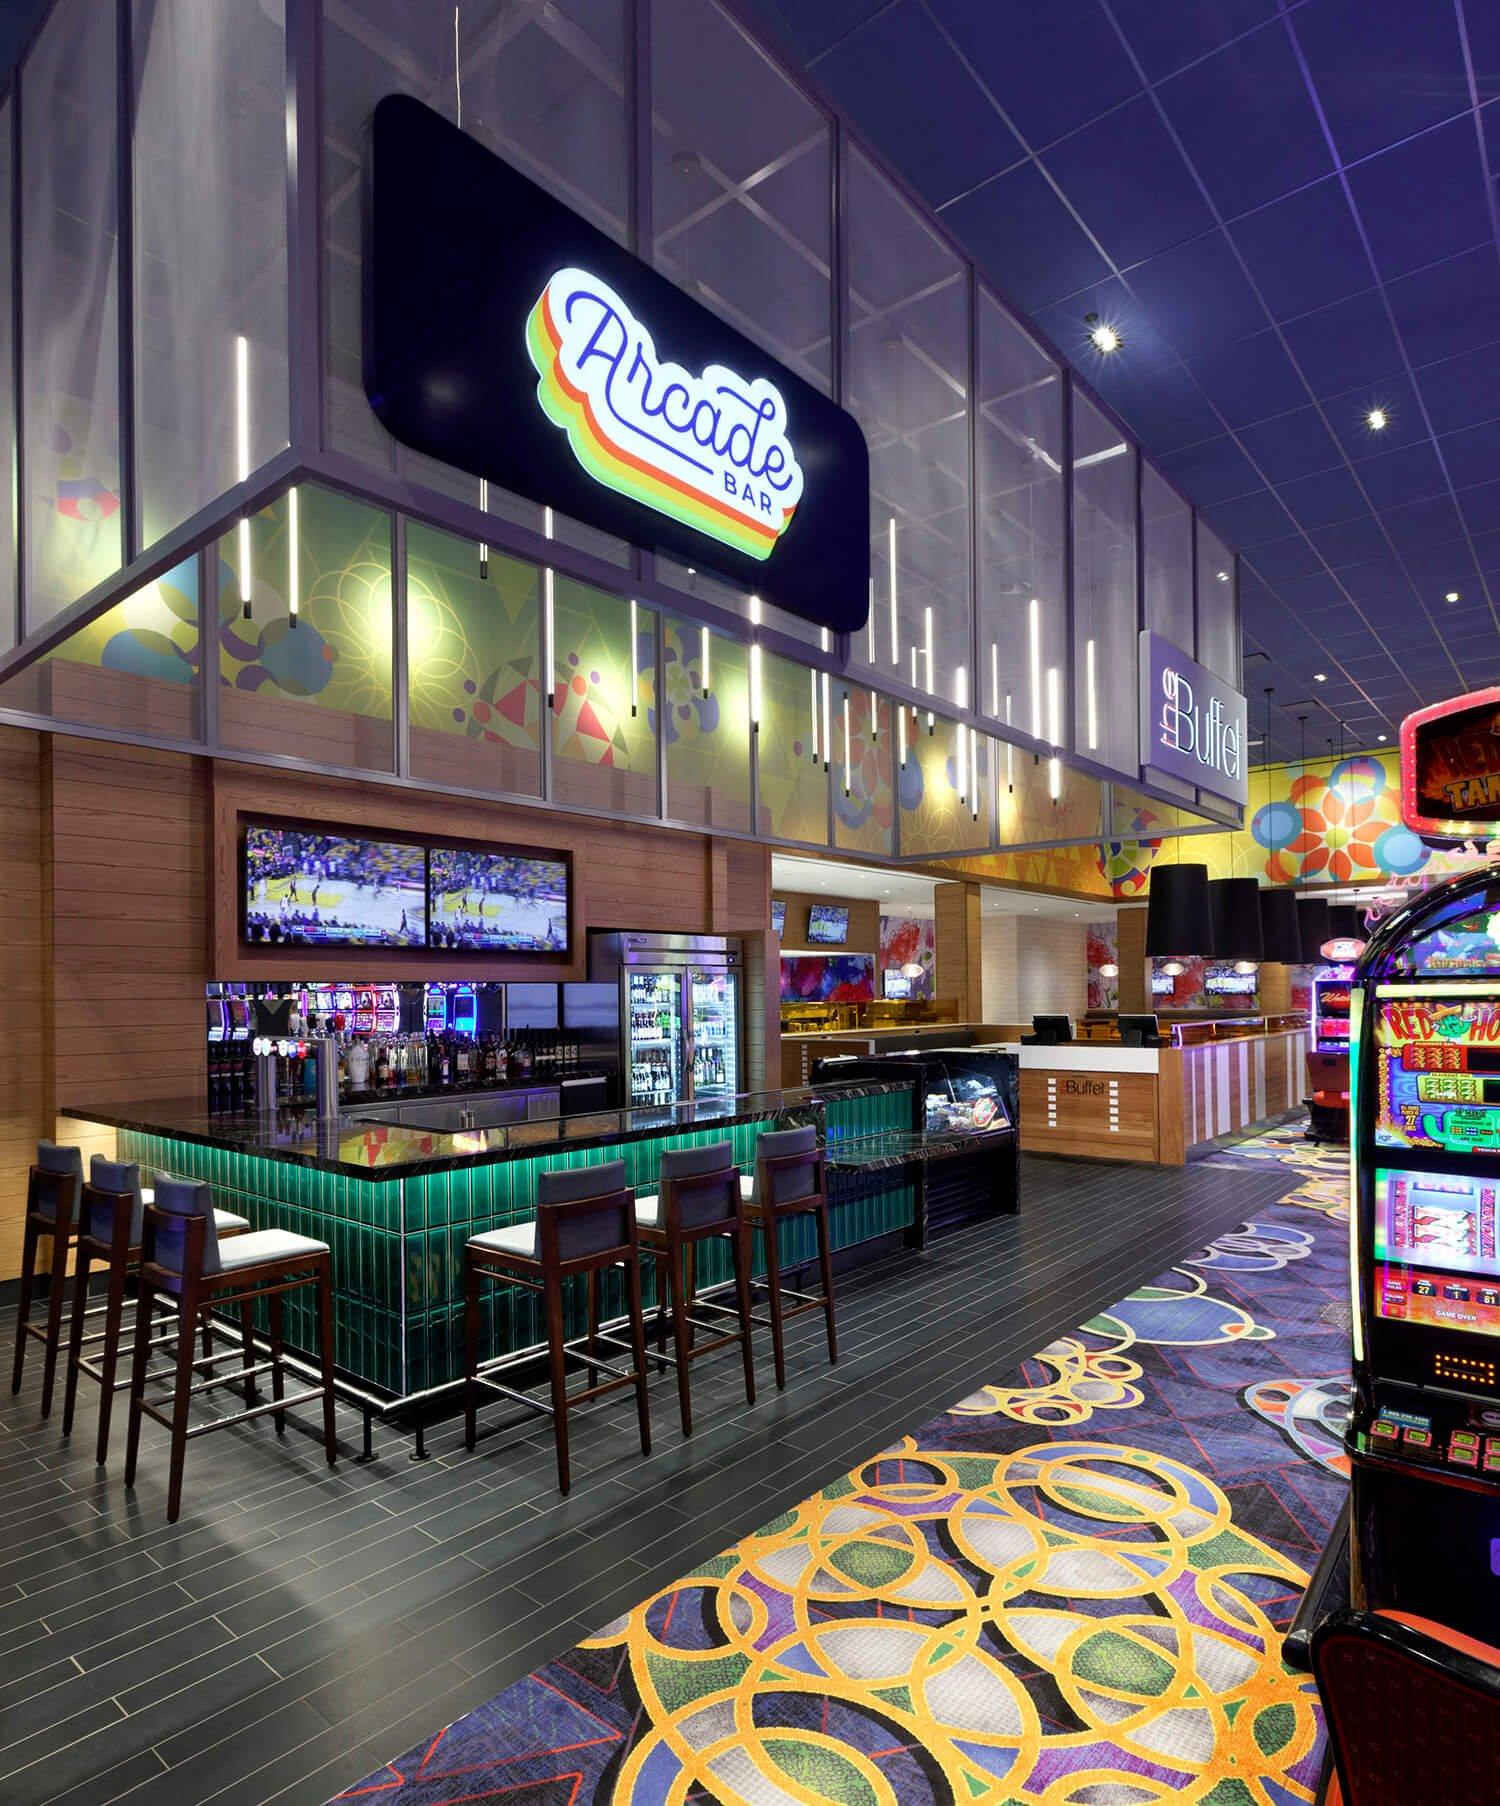 Hanover ontario casino hours center